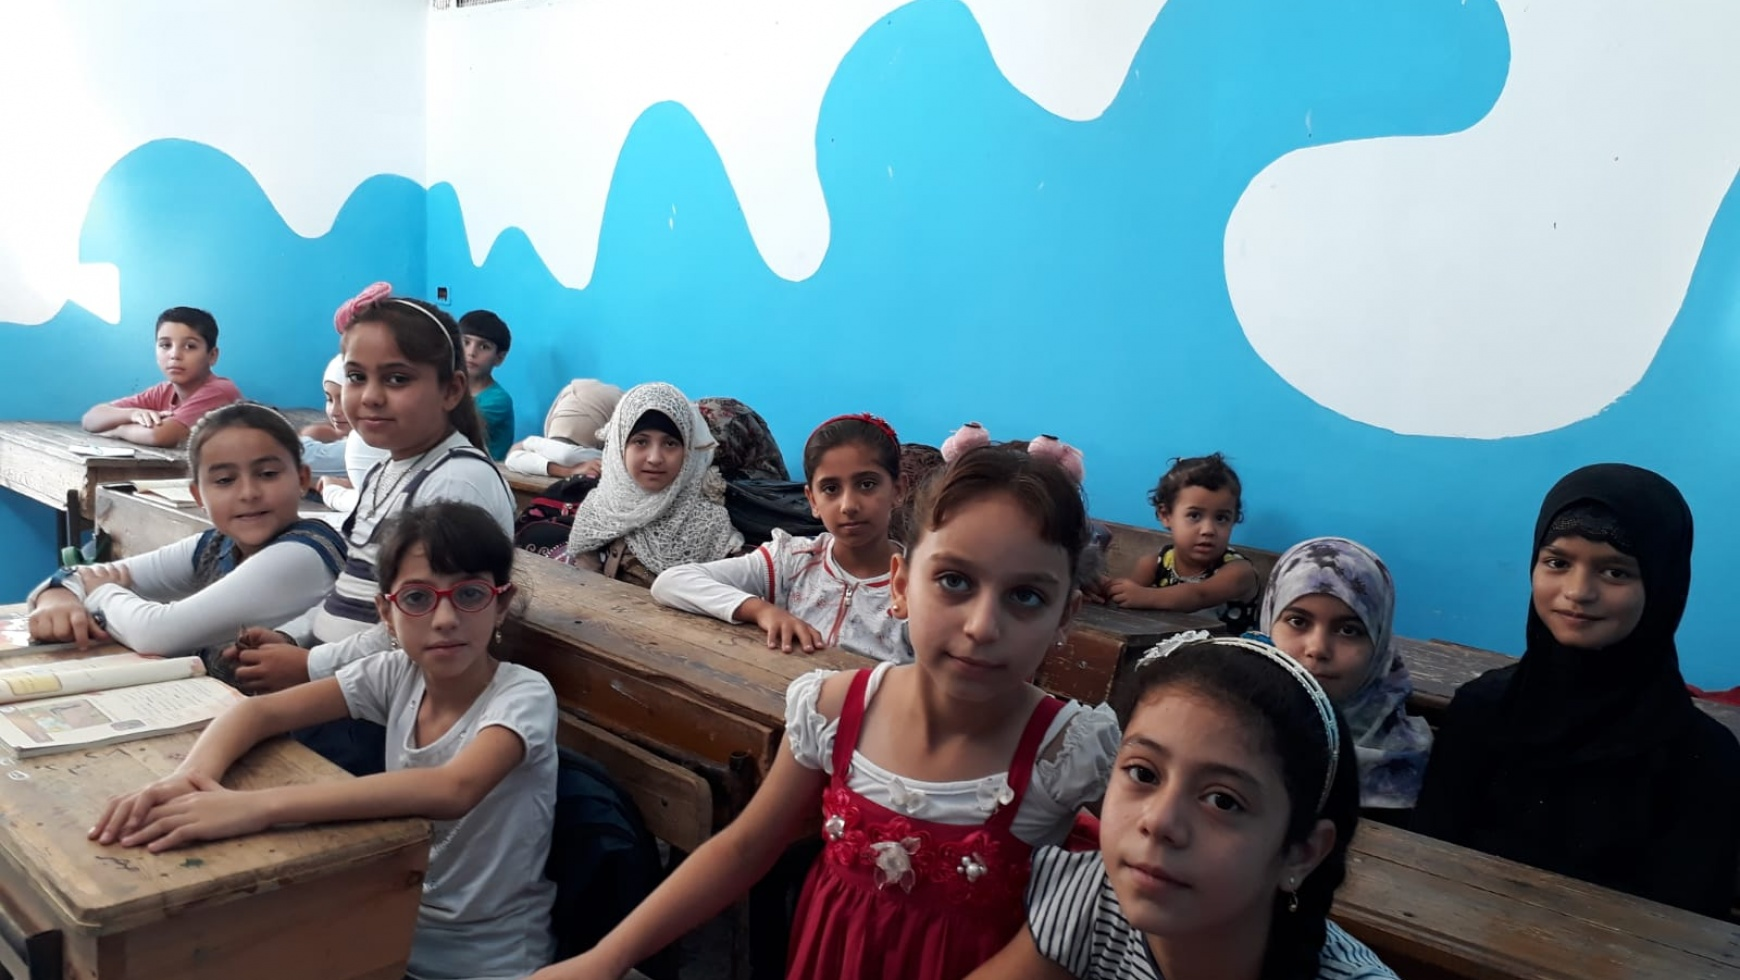 Nachhaltige Strategie zu Bildung und Zukunftssicherung in Syrien